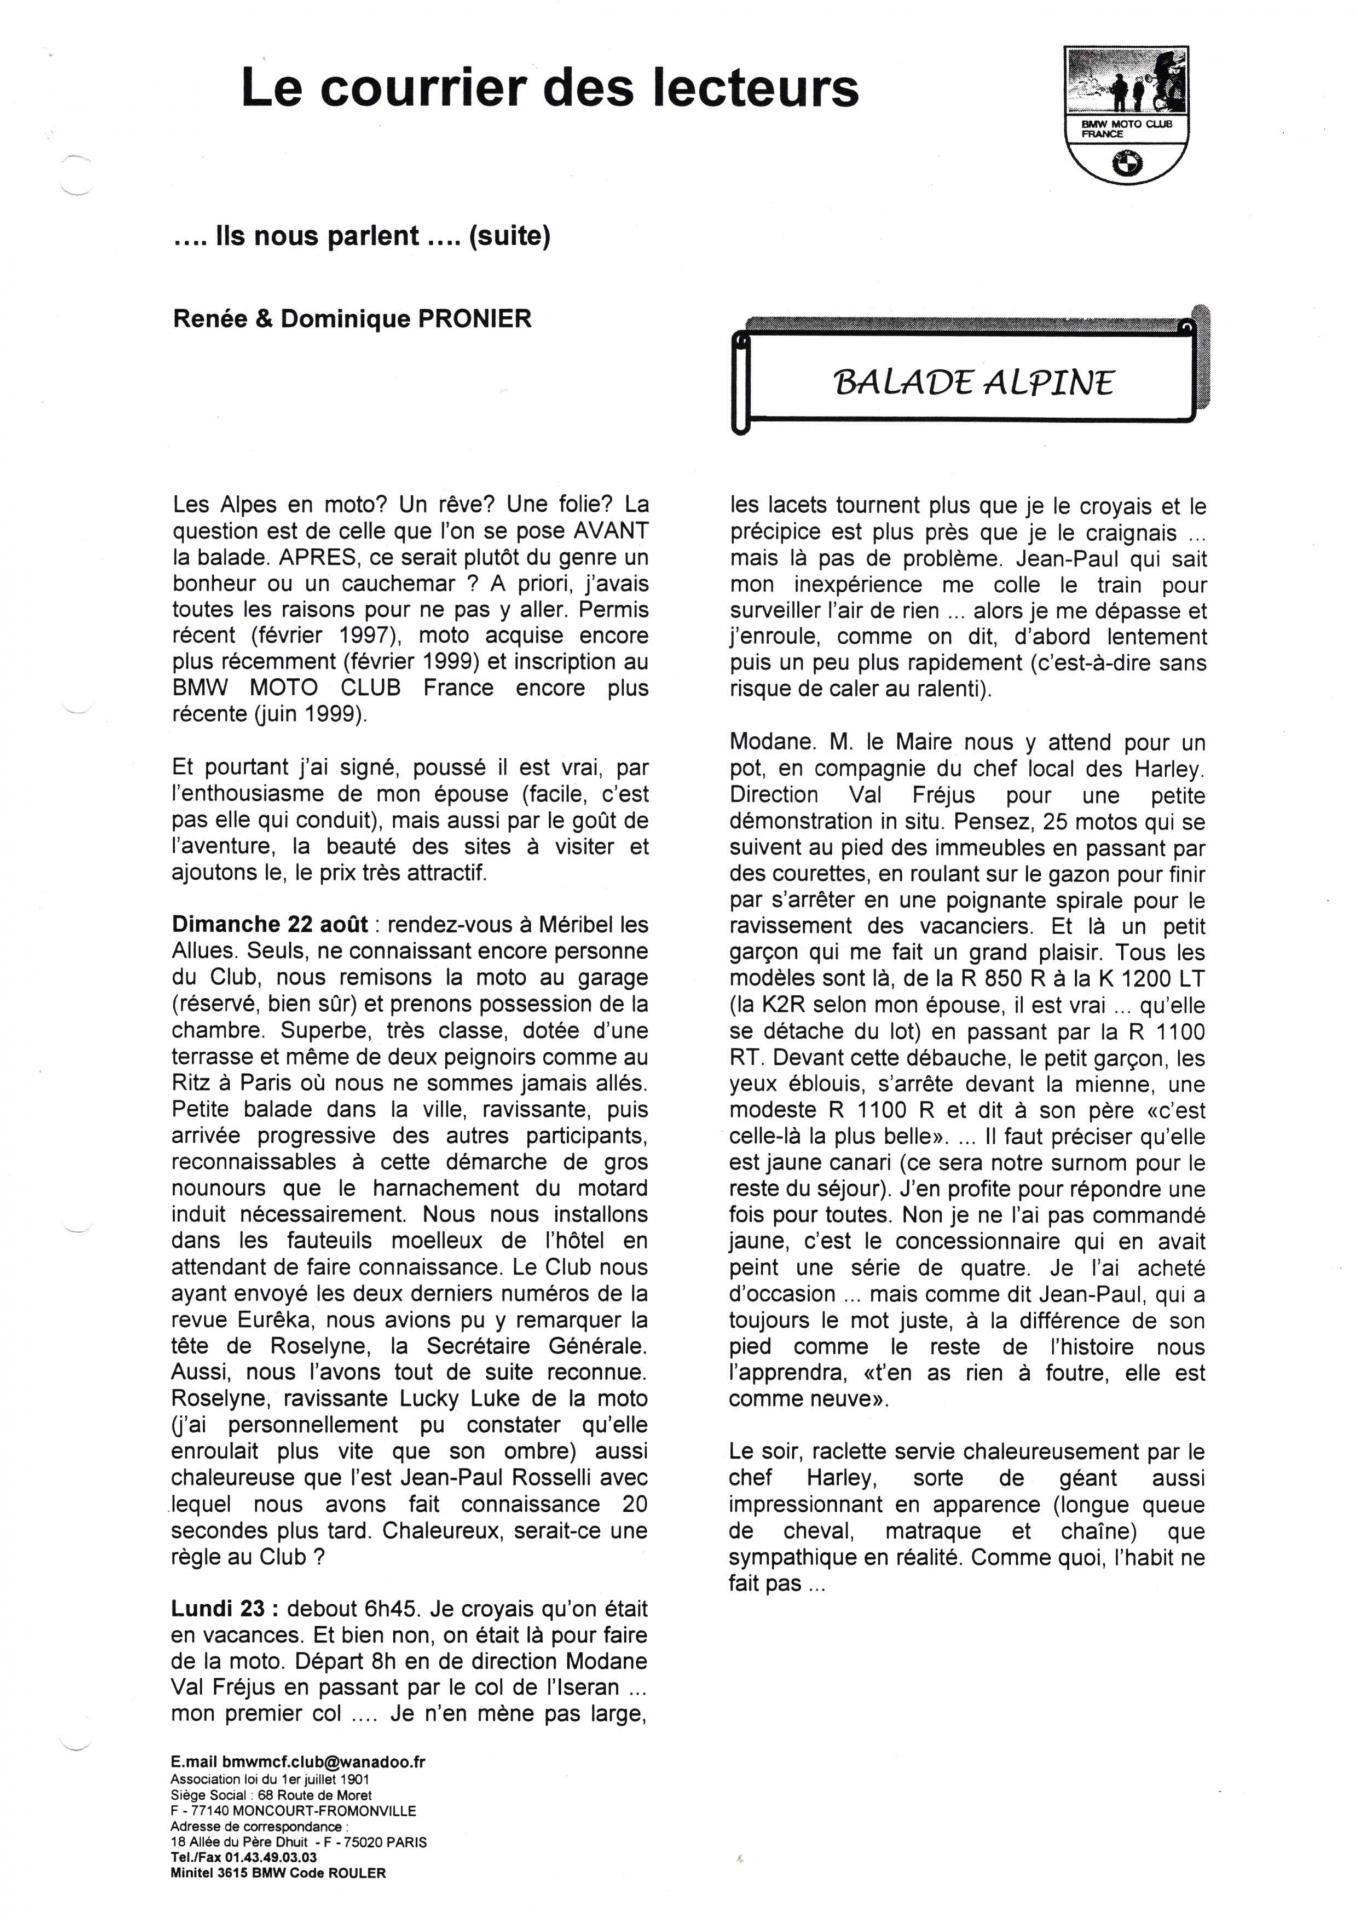 Eureka n 25 courrier lecteur page 4